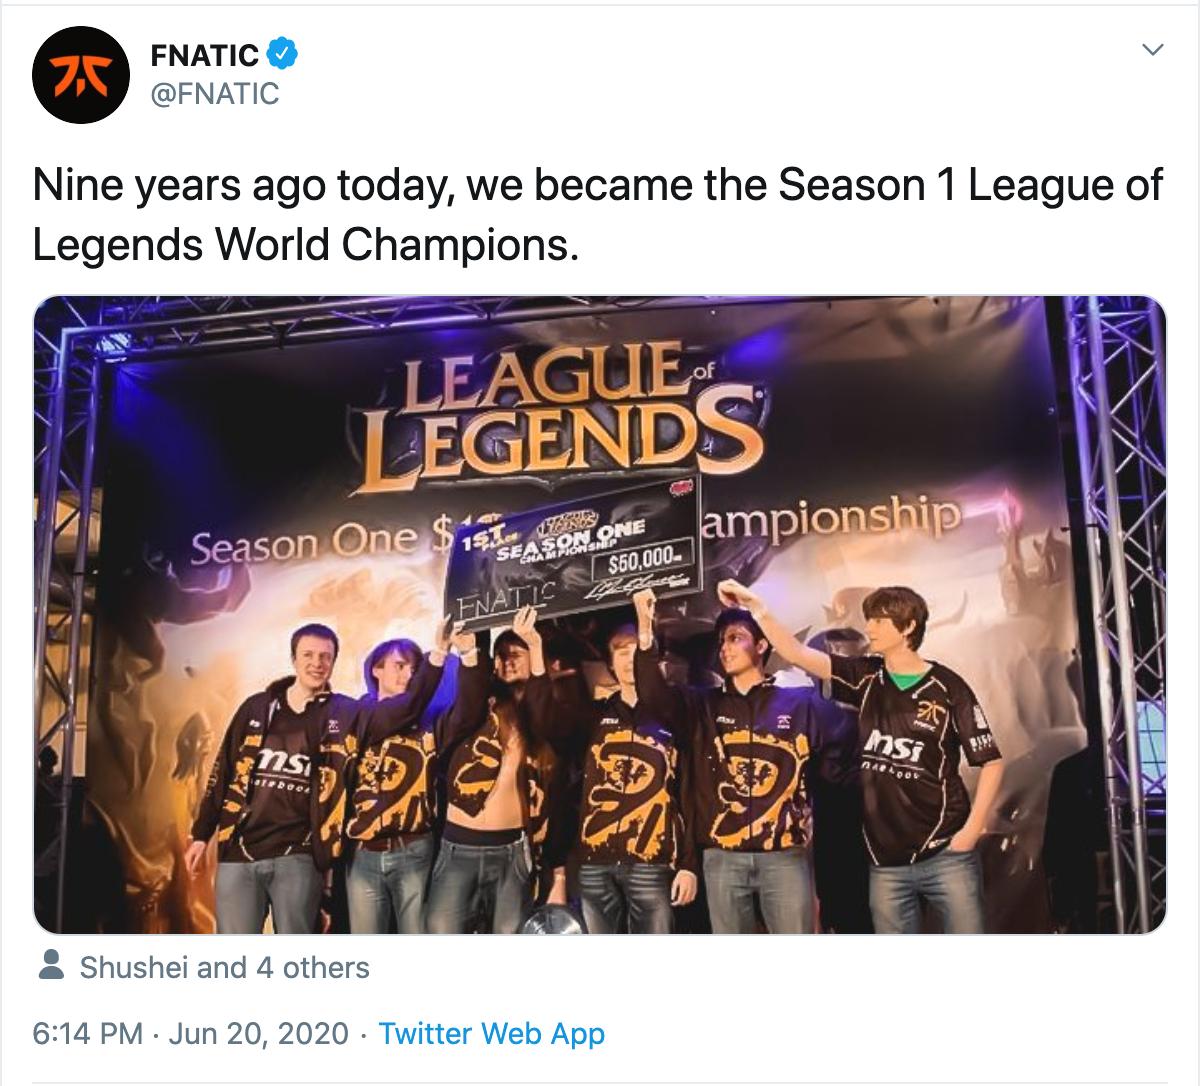 九年前的今天:Fnatic于S1全球总决赛夺得世界冠军